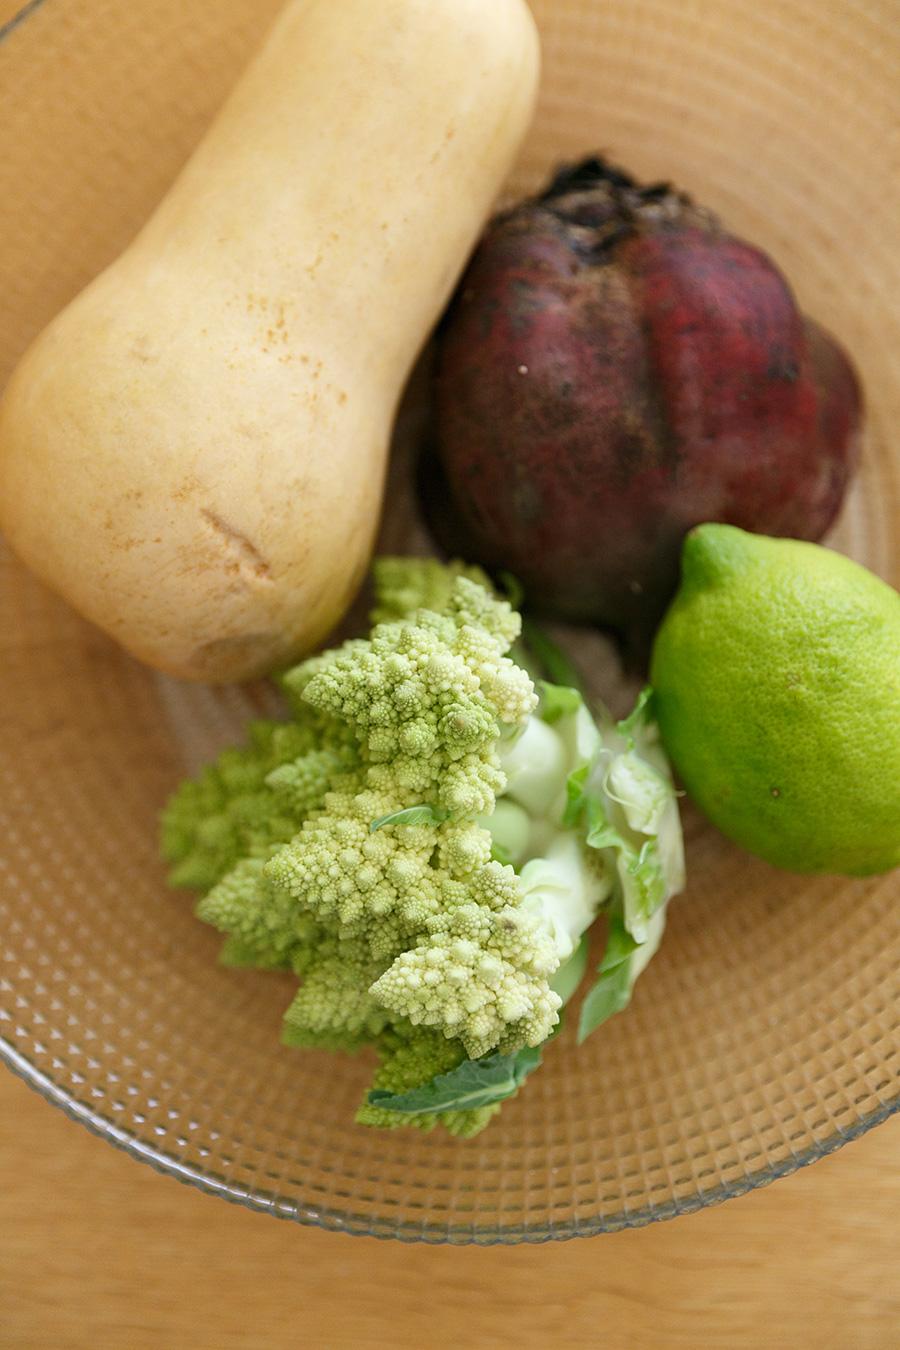 料理教室で使う食材は、できるだけ無農薬で、かつ地場でとれた野菜を使うようにしている。左上のバターナッツカボチャは、陽子さんのご両親の畑で穫れたもの。